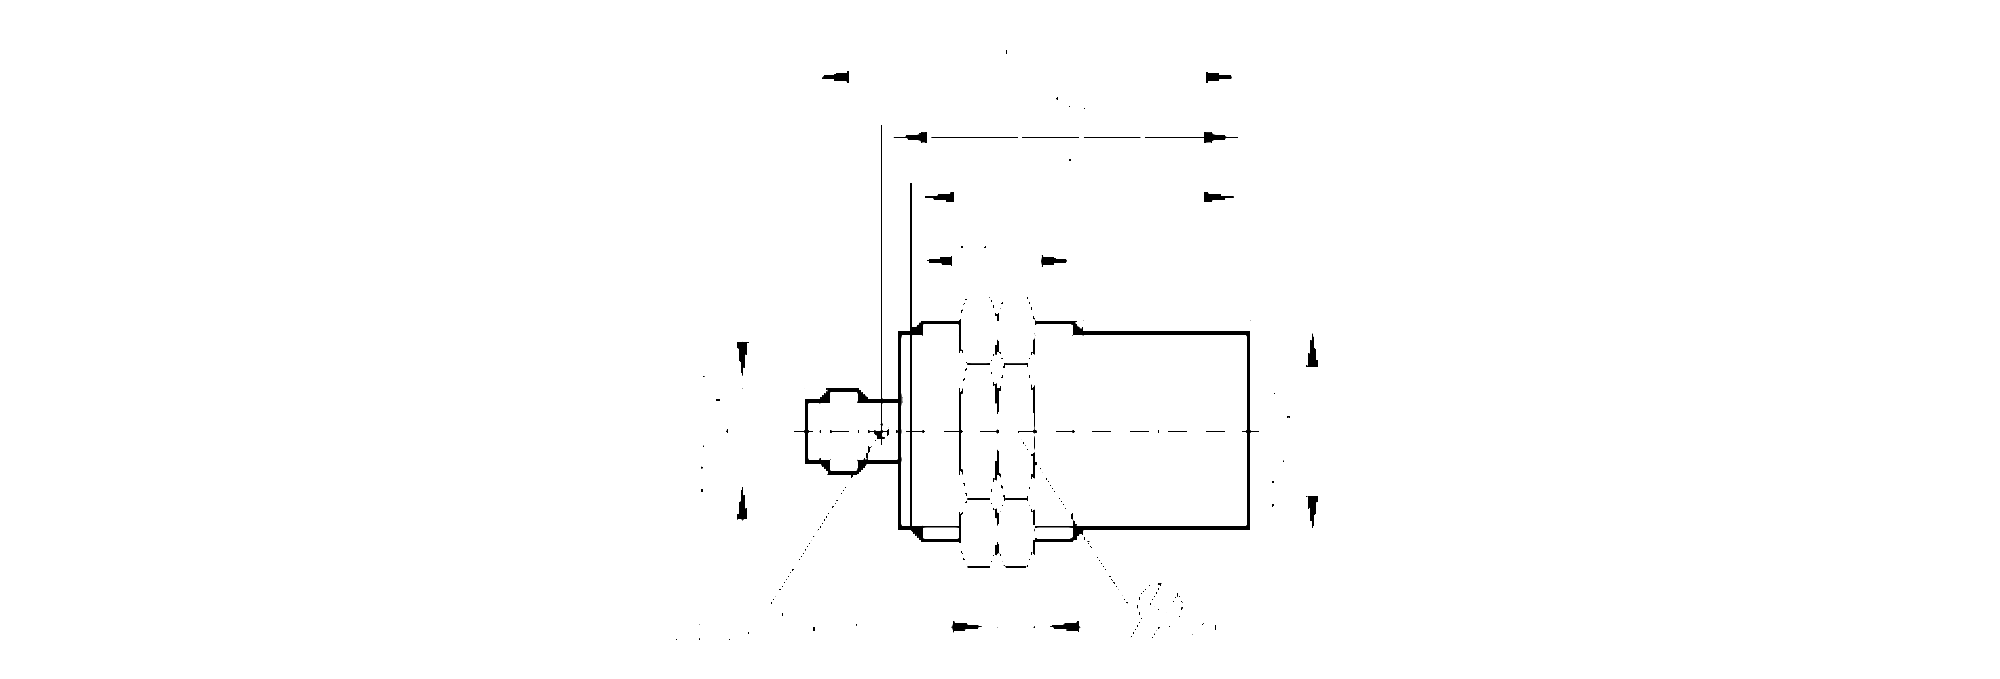 iis284 - inductive sensor